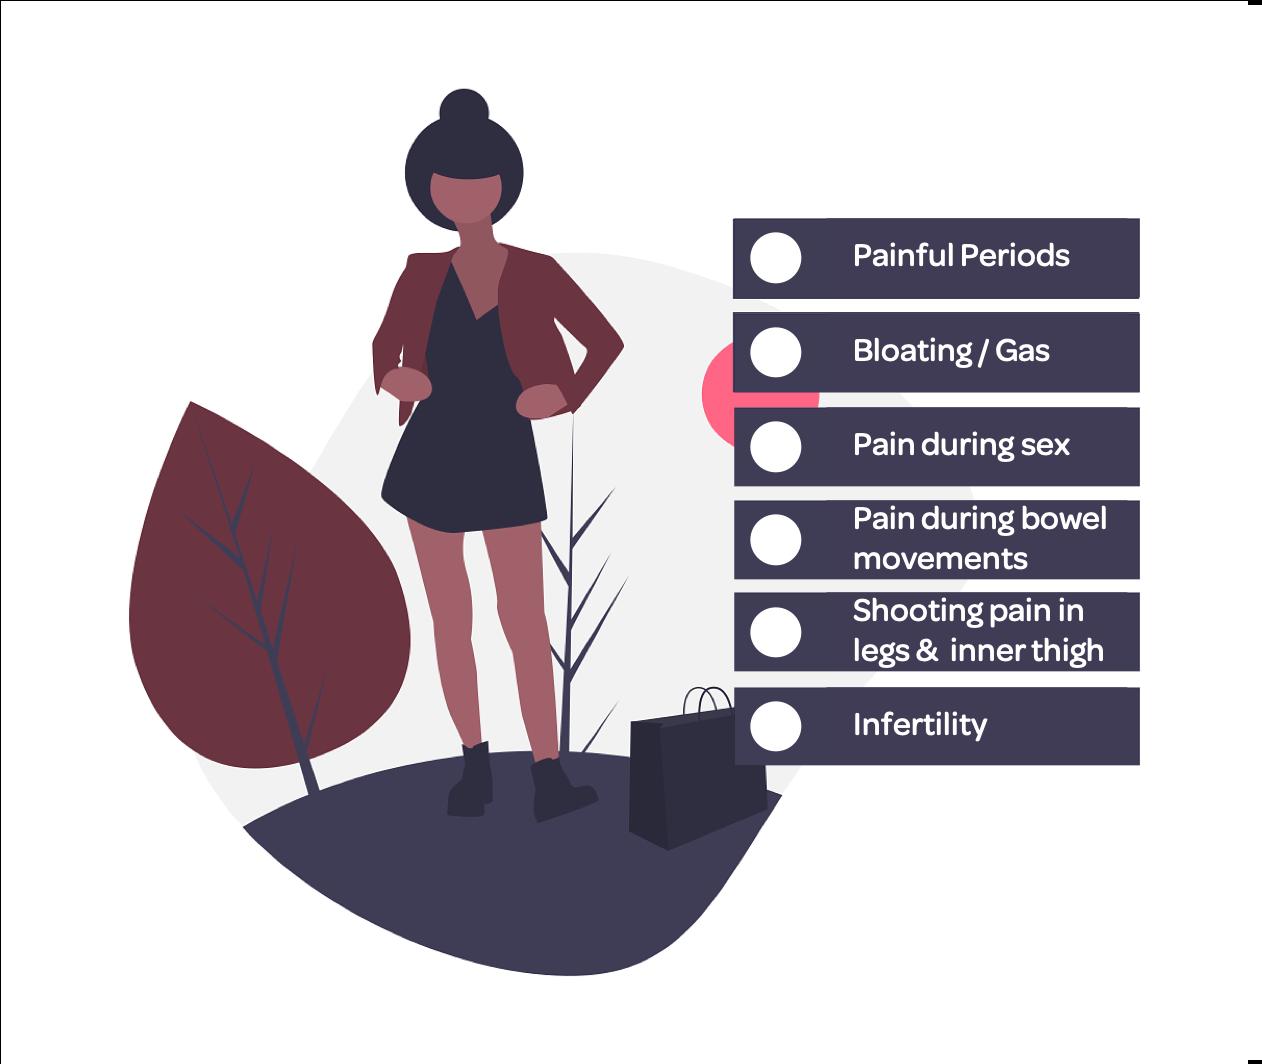 6 Cardinal Symptoms of Endometriosis